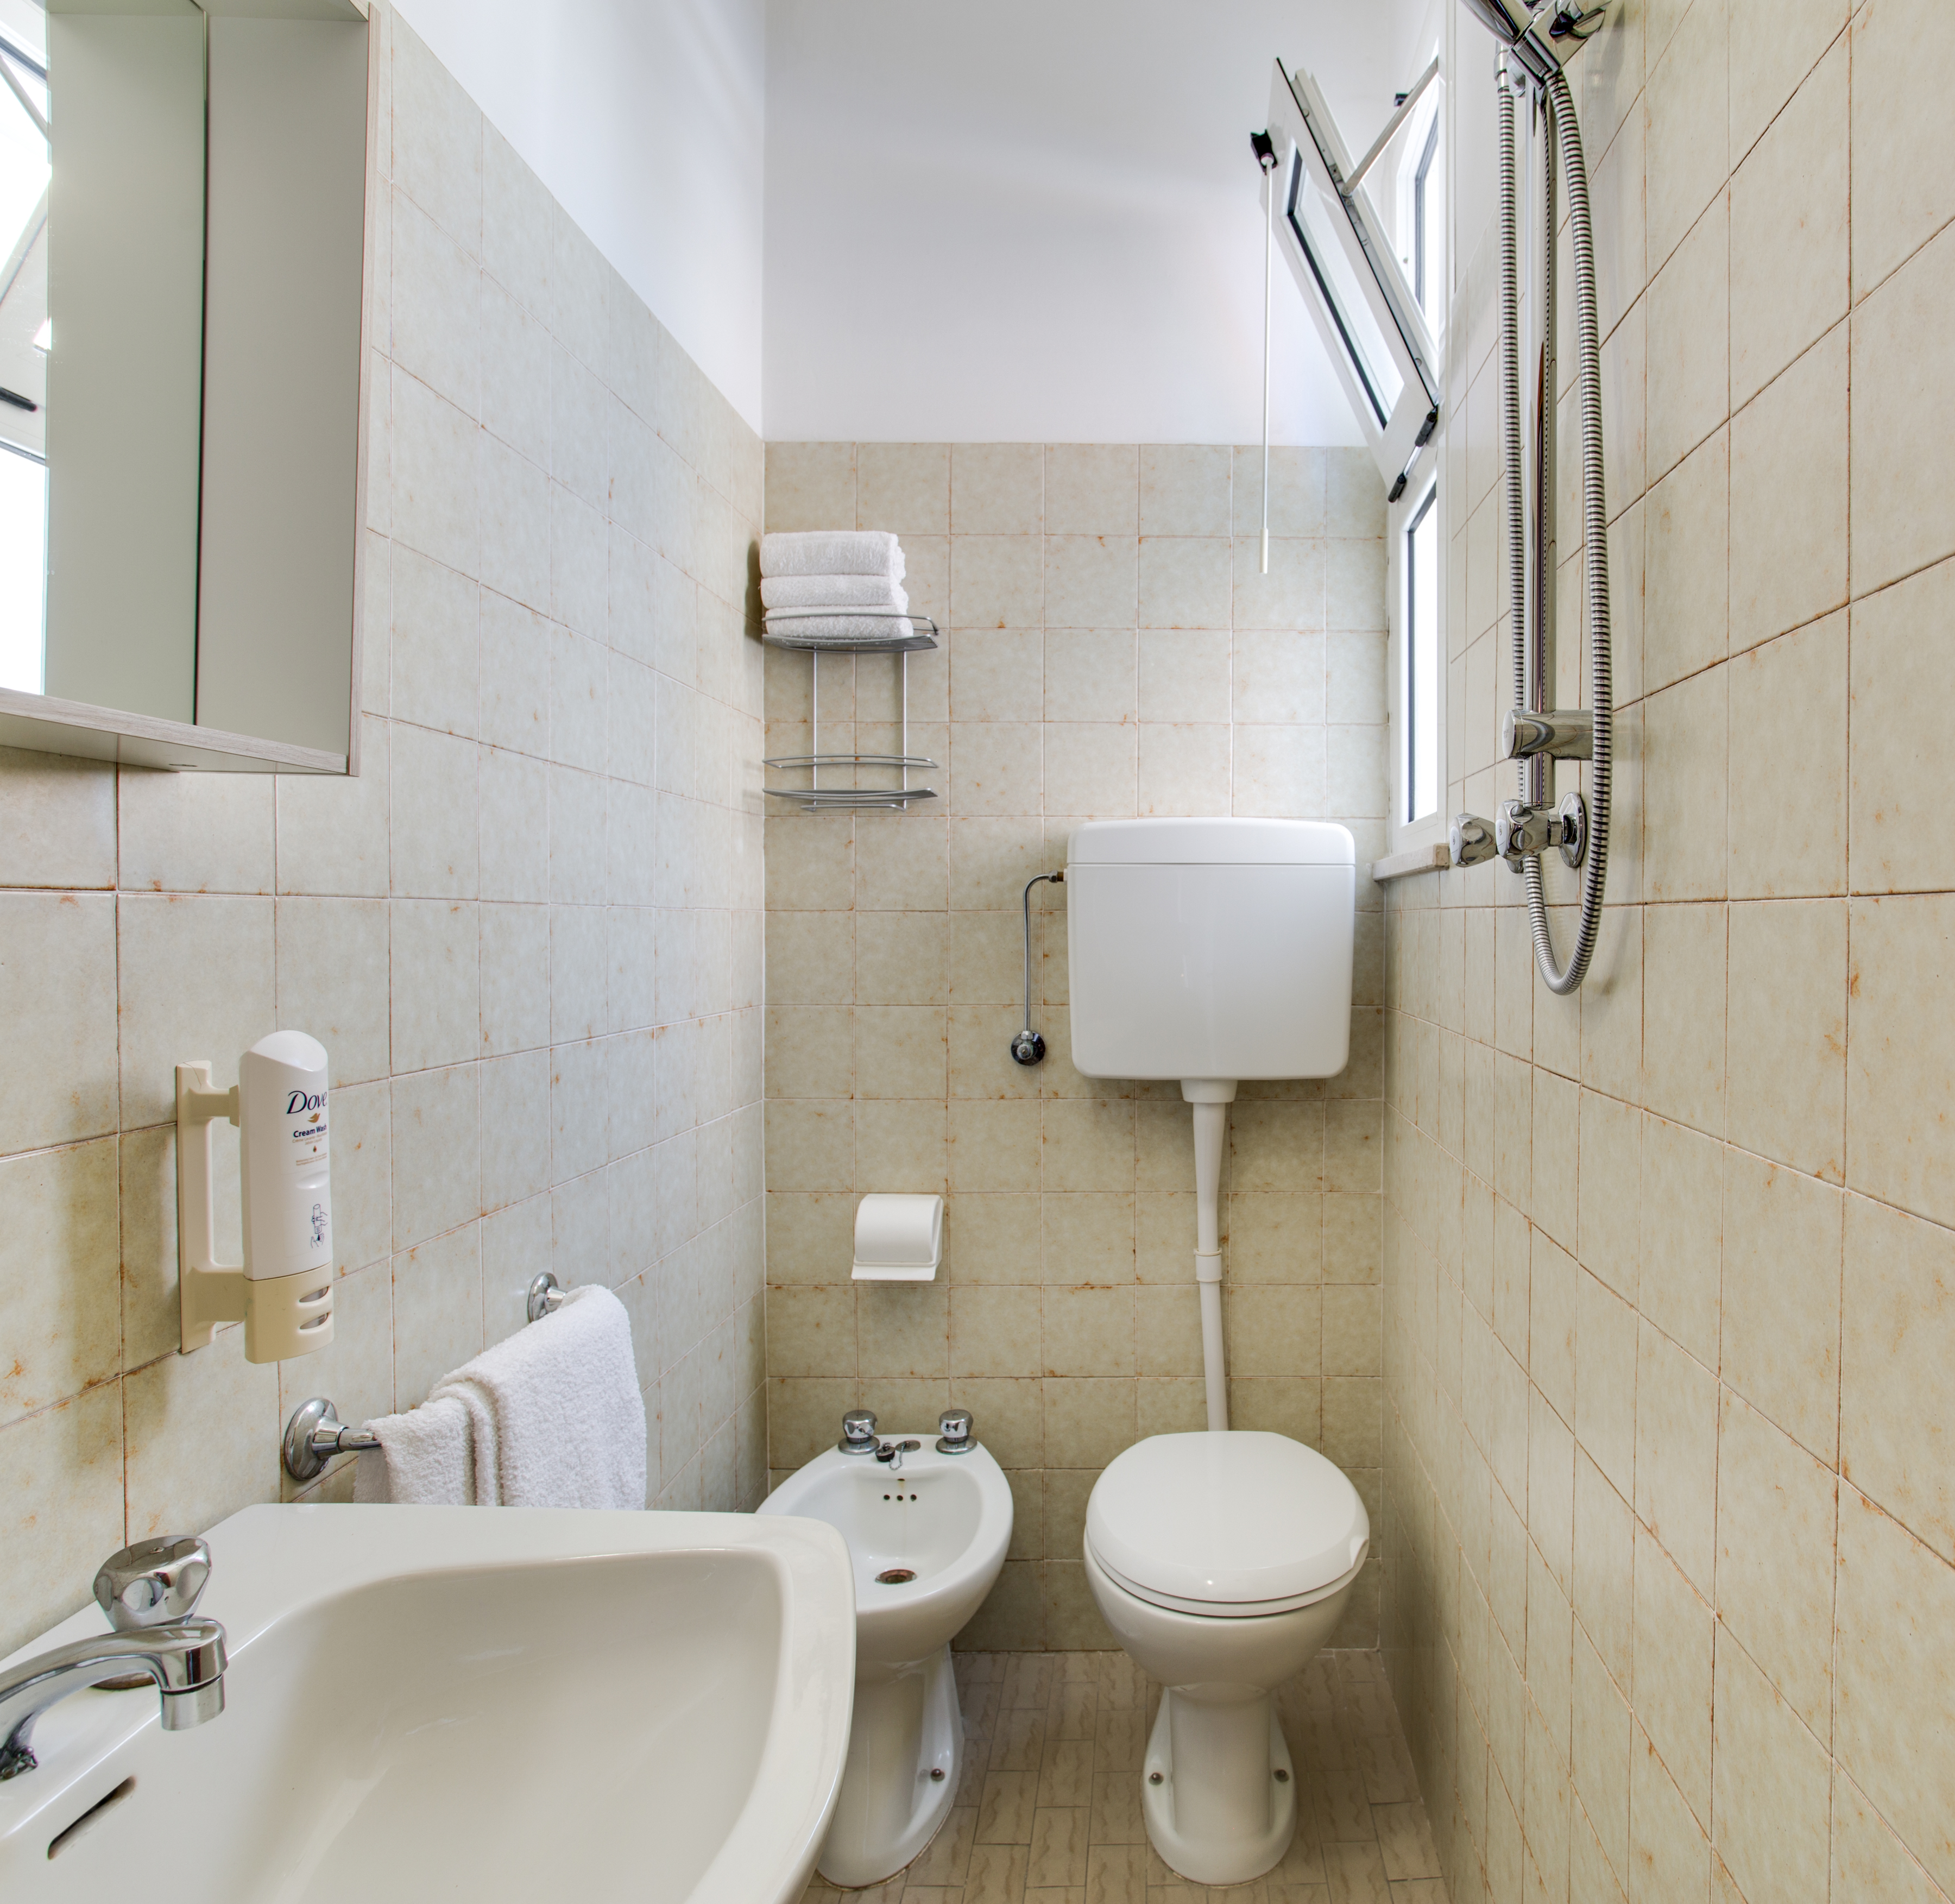 Camera hotel con bagno standard